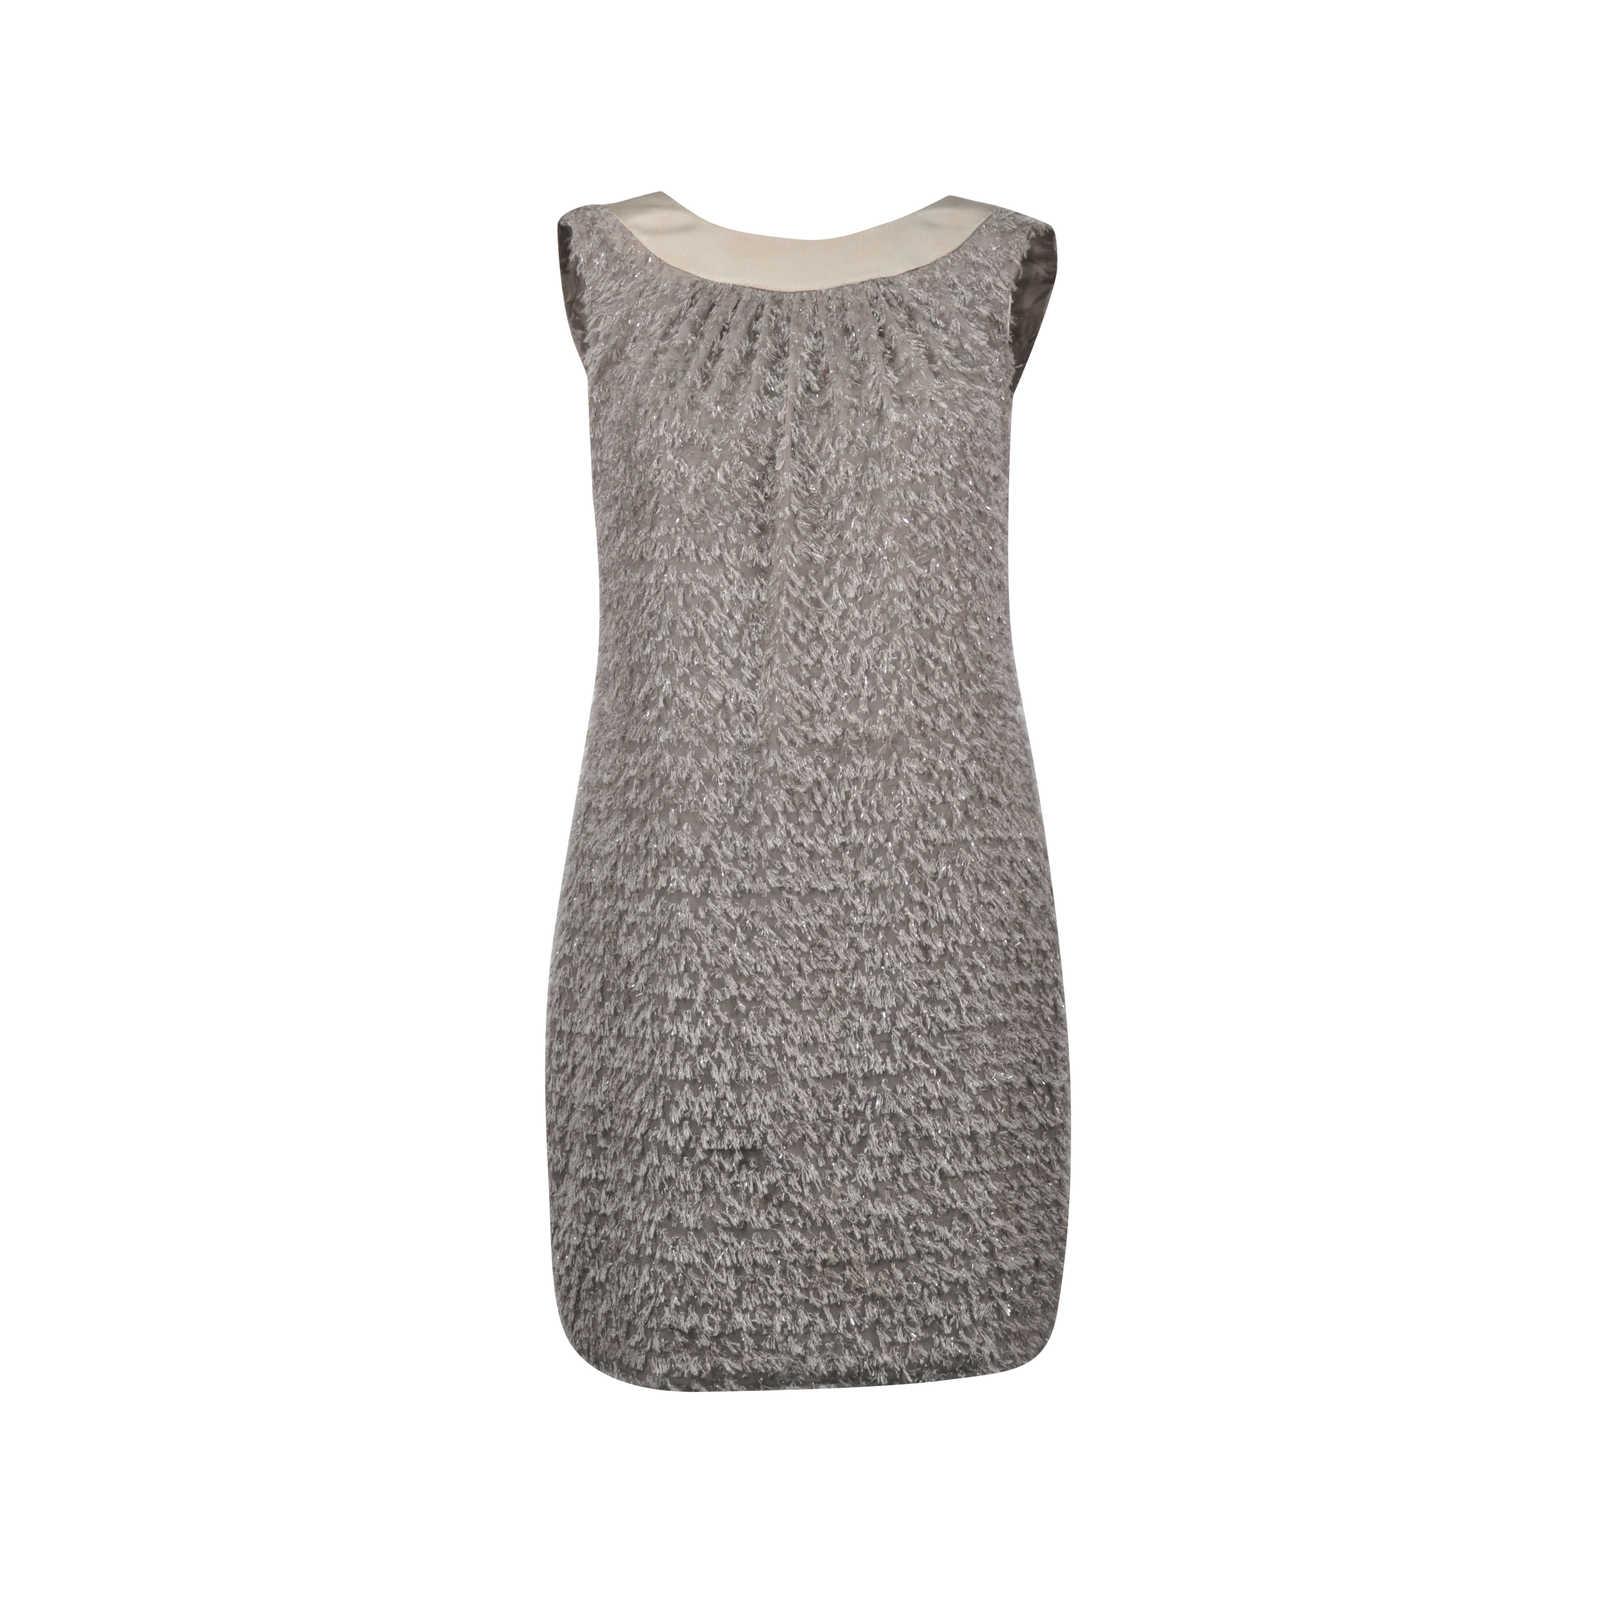 newest 3e540 9f5d7 Sparkle Party Dress